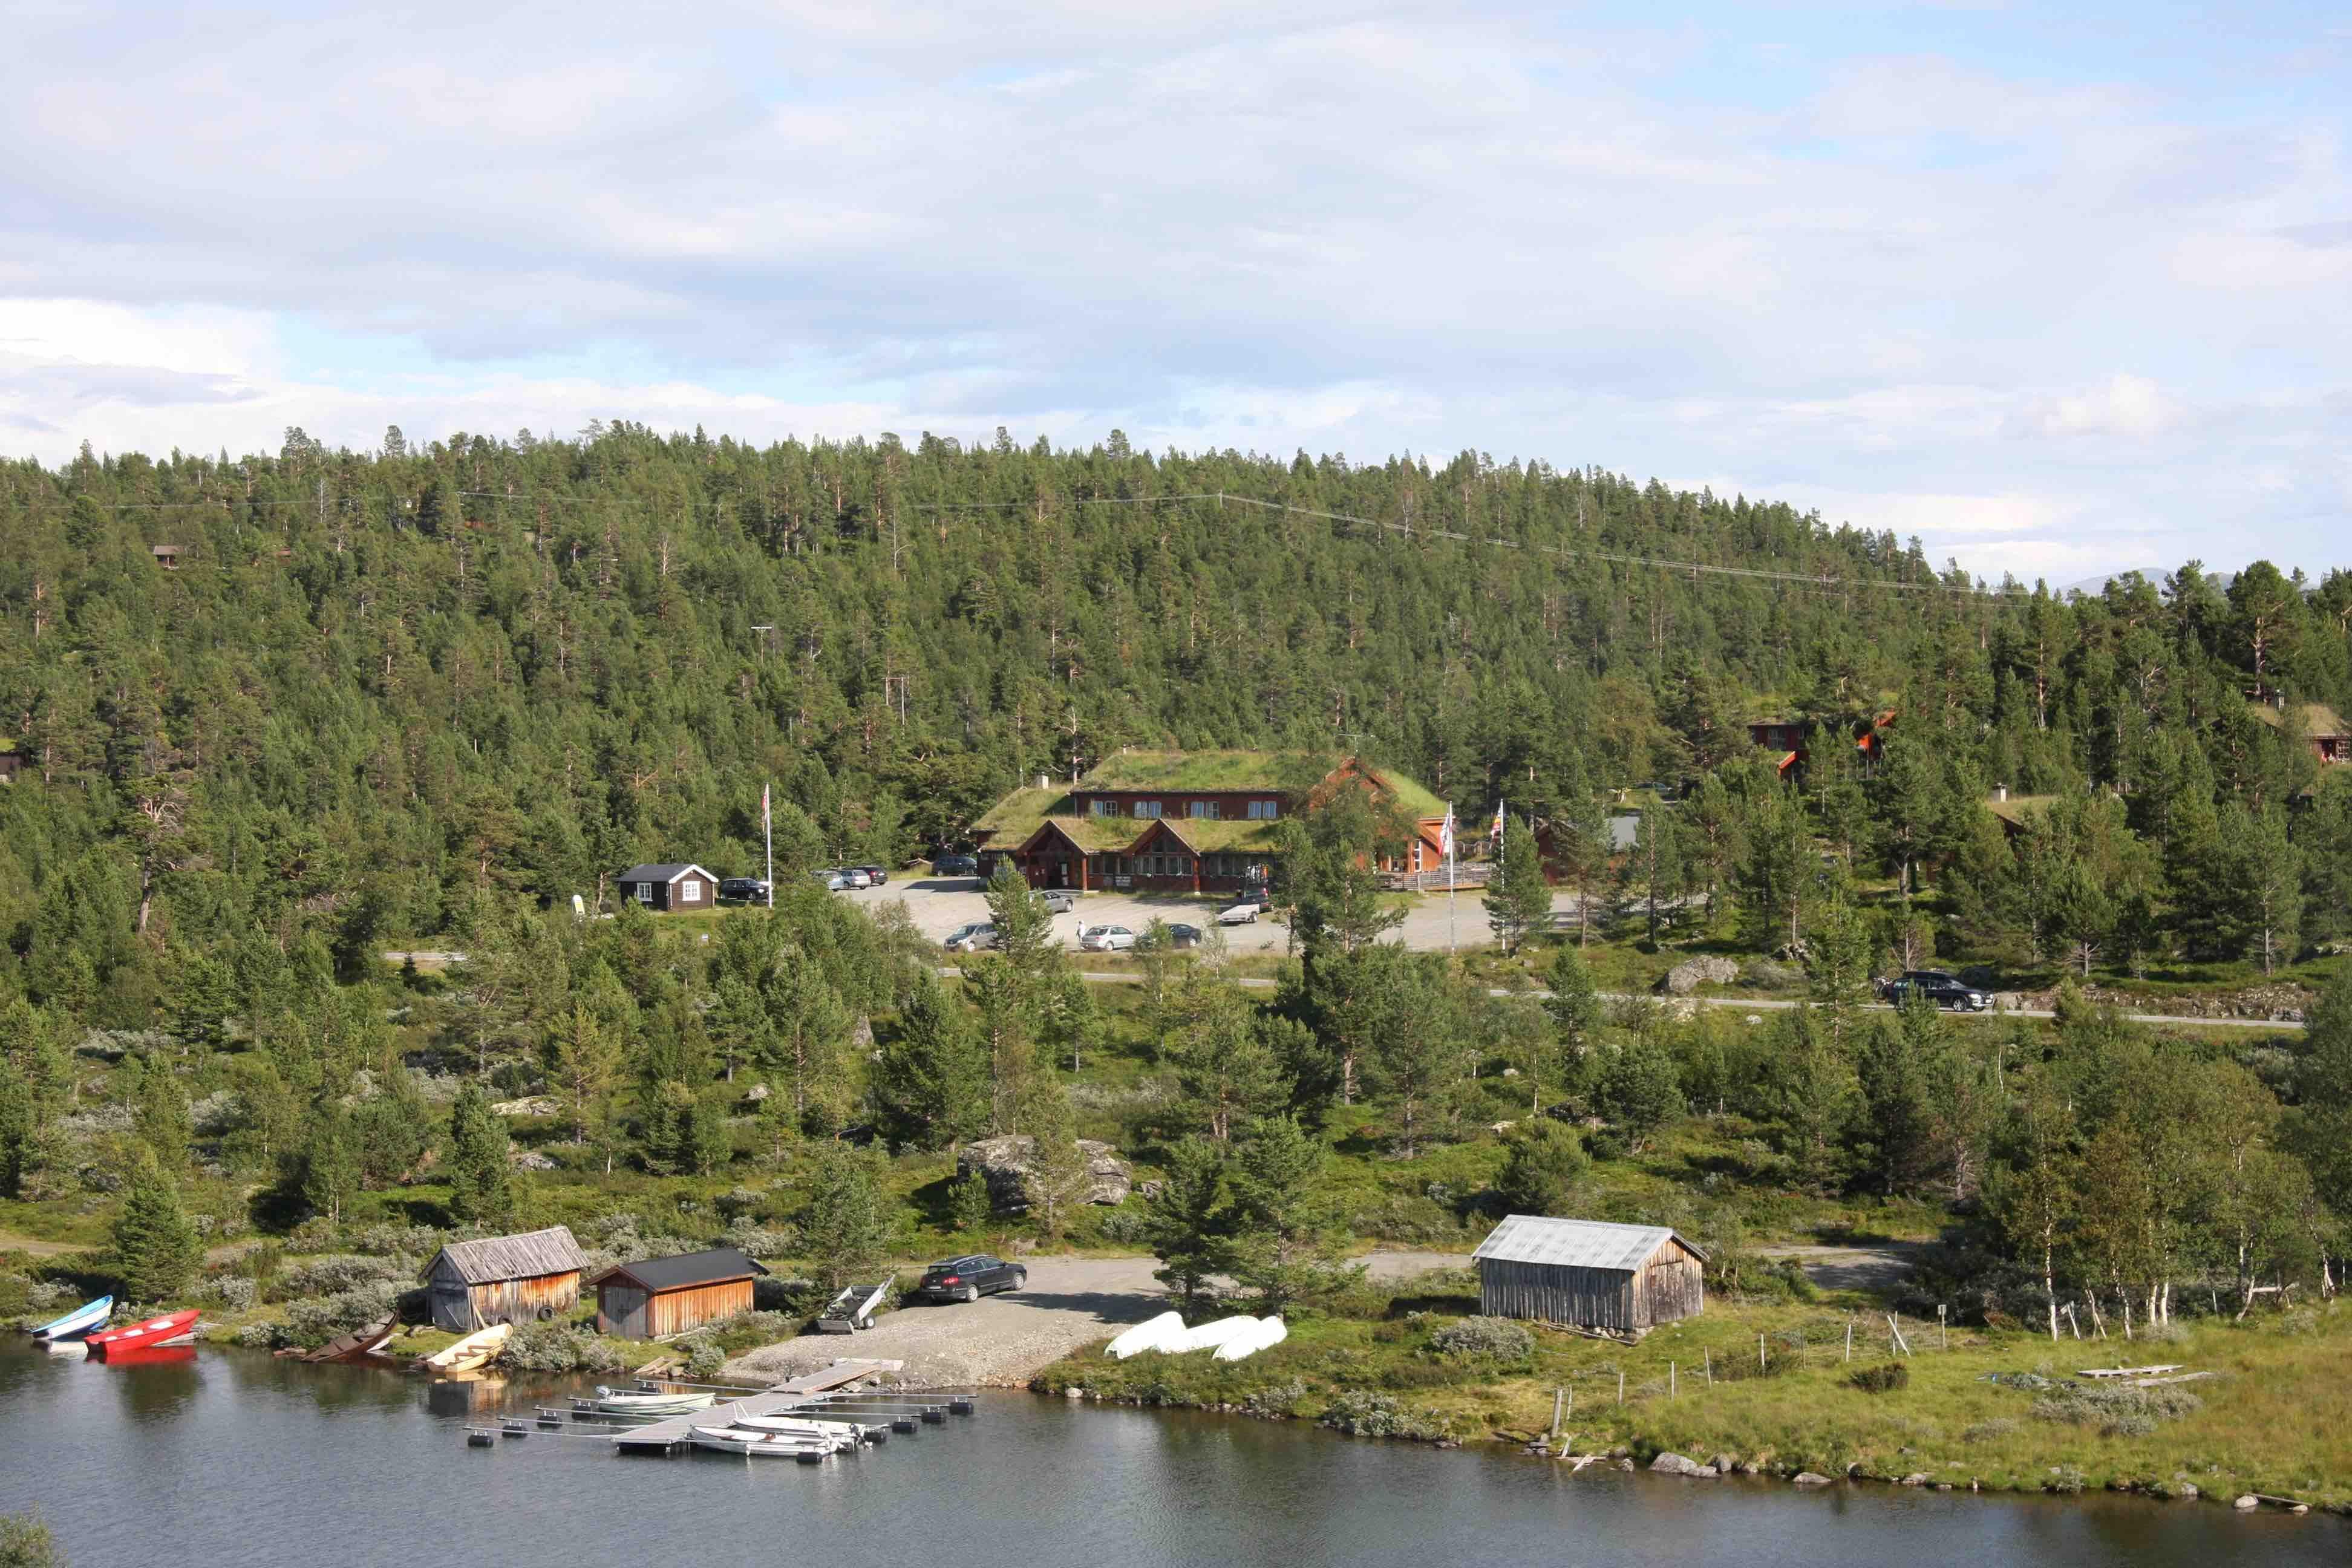 Nyt et godt måltid hos Lemonsjø Fjellstue og Hyttegrend